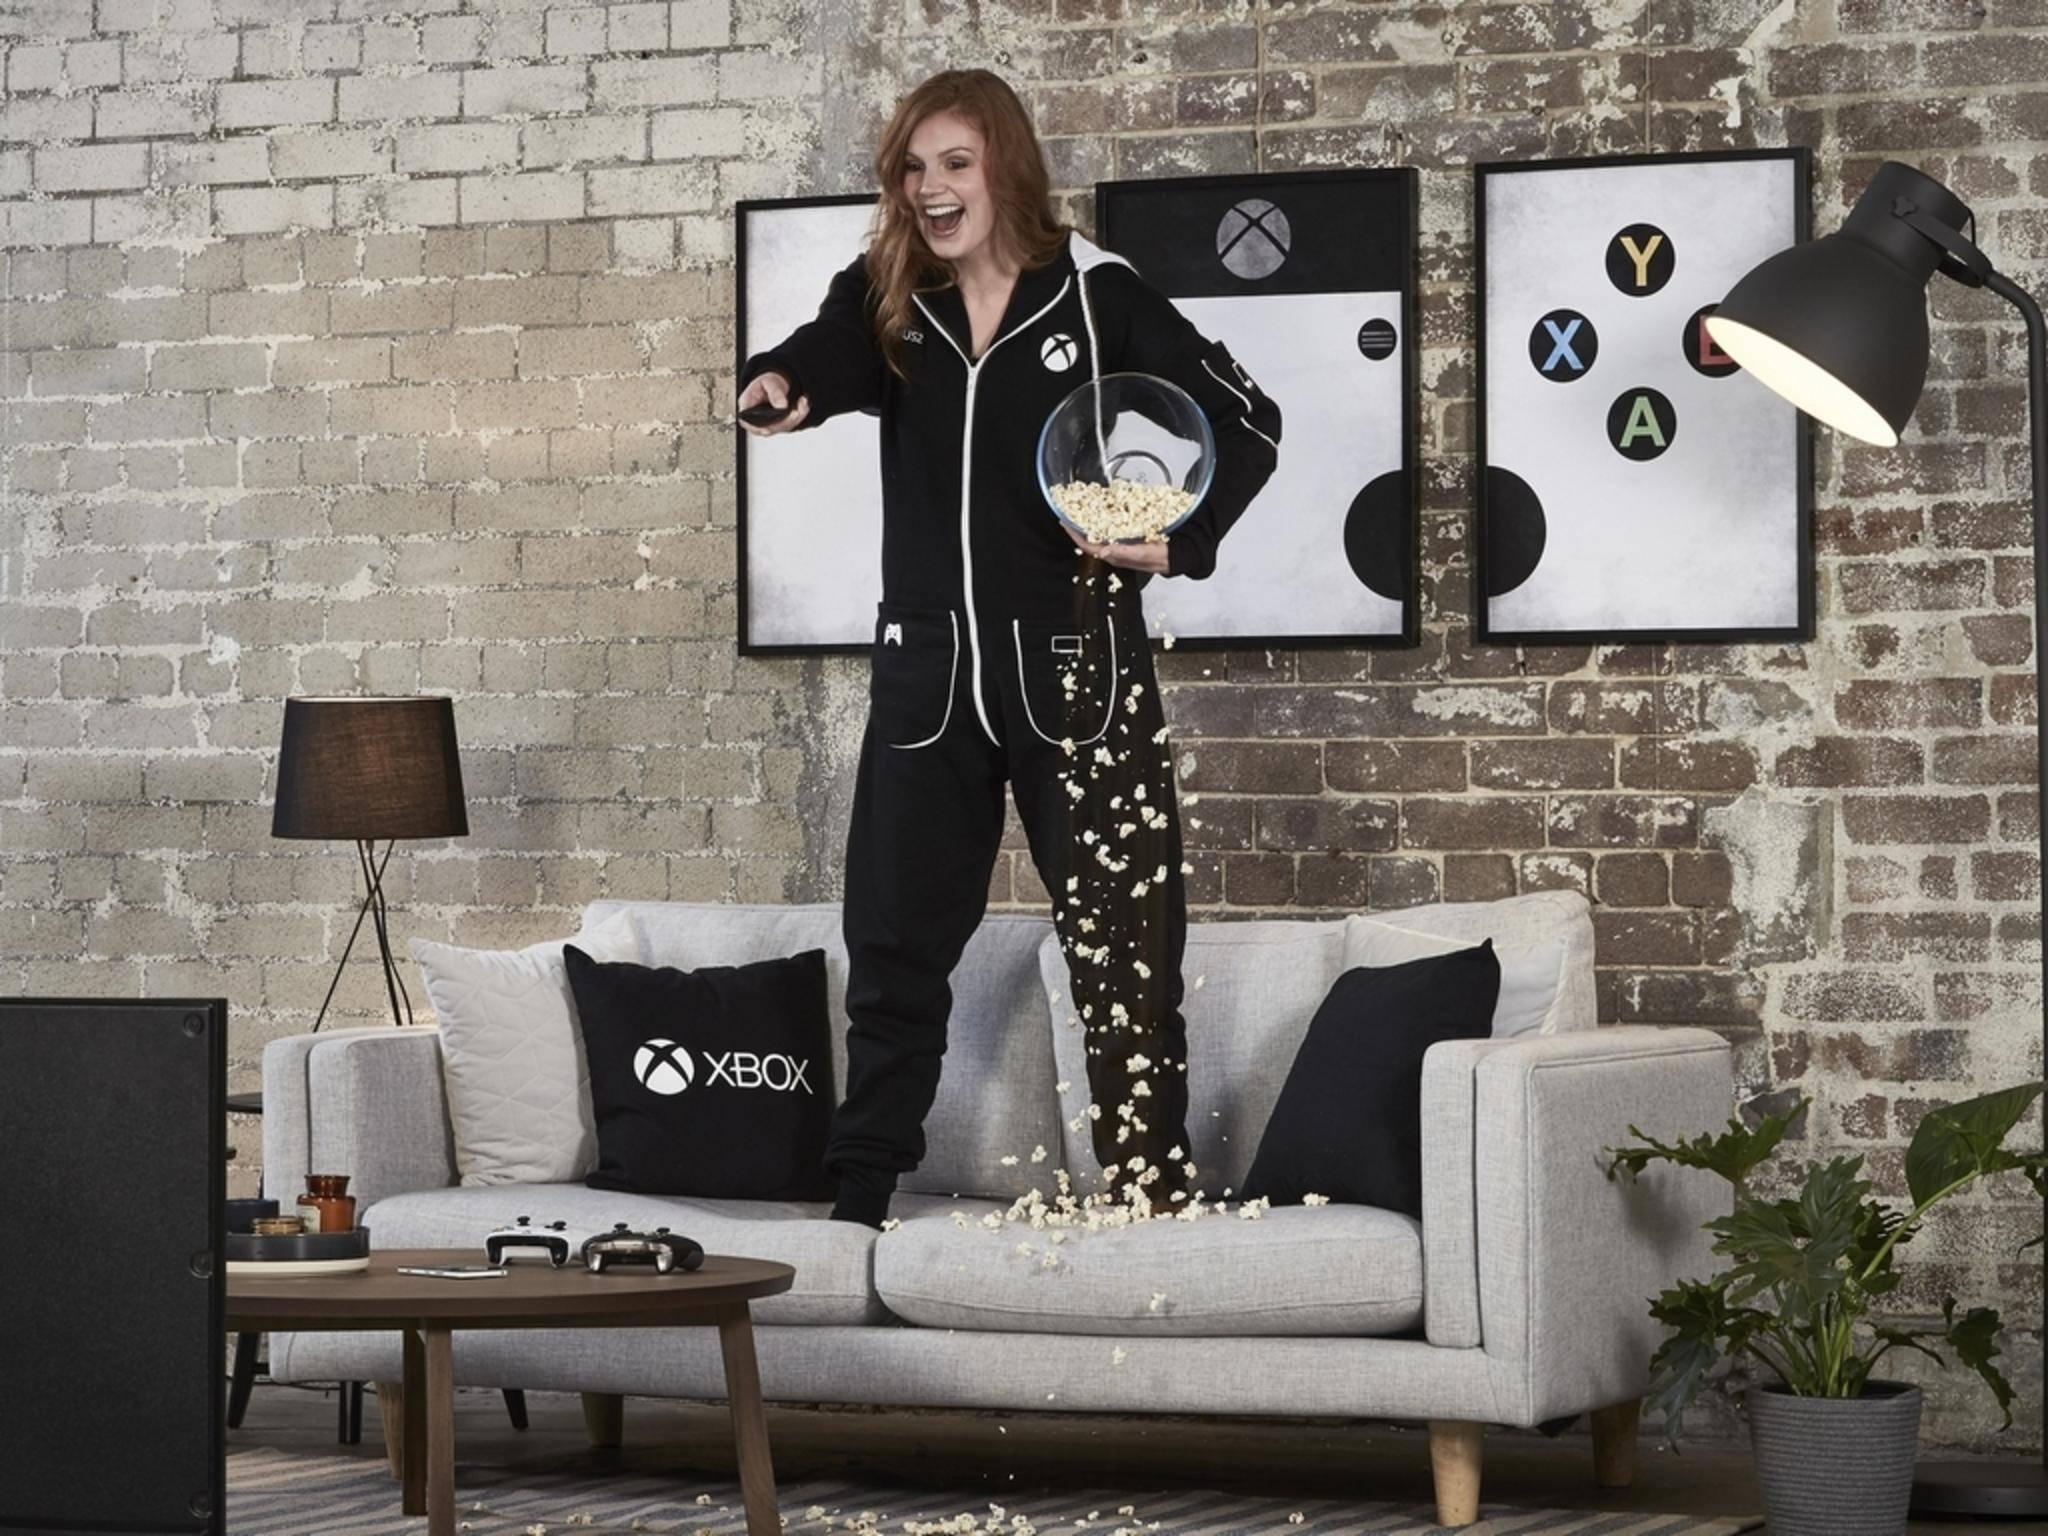 """Der """"Xbox Onsie"""" soll das perfekte Outfit für Zocker sein."""